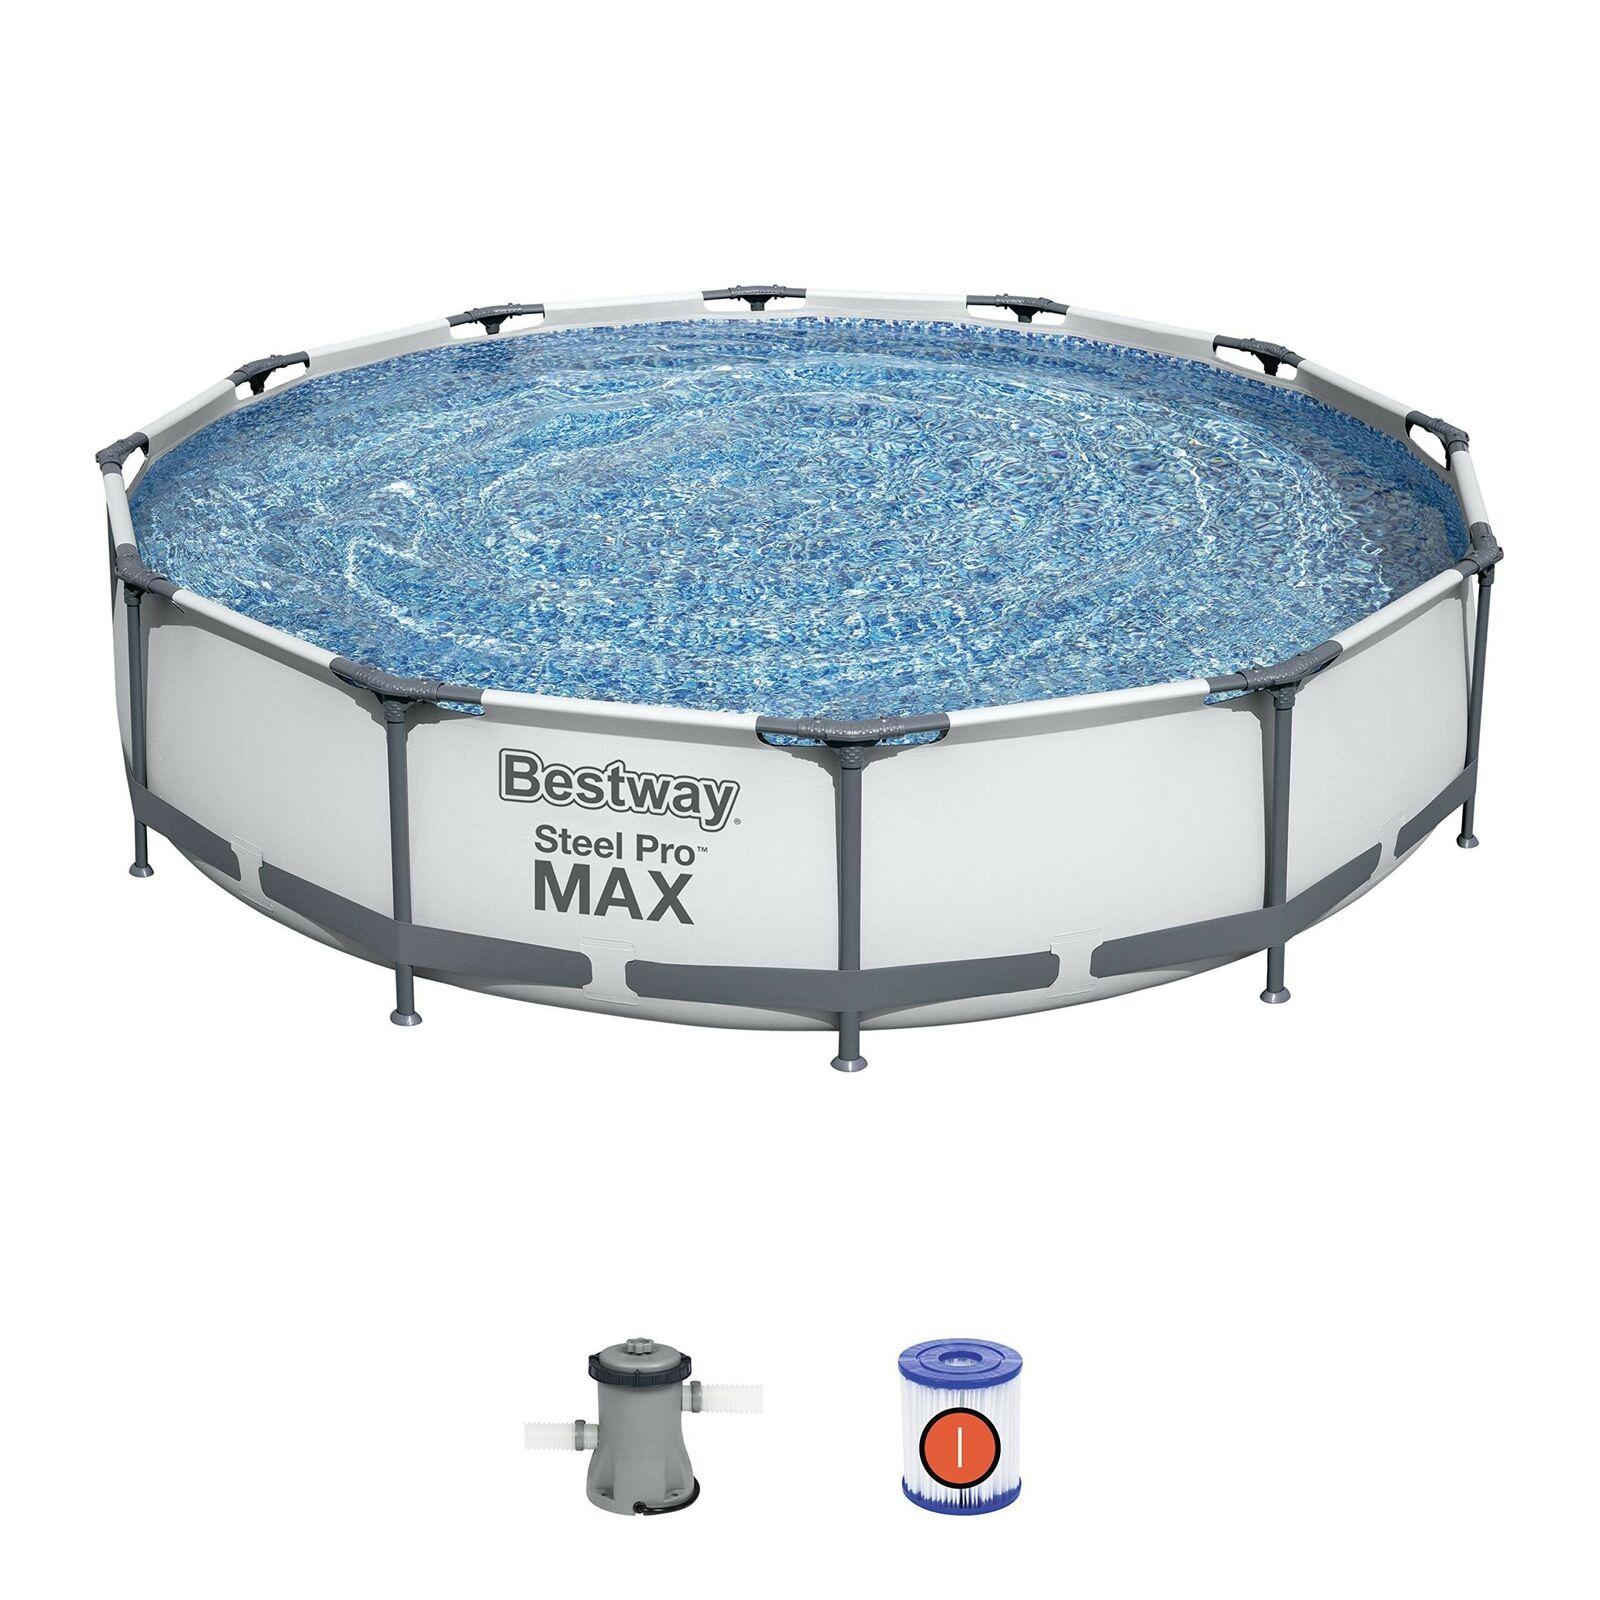 bestway-56416-366cm-x-76cm-steel-frame-swimming-pool-set